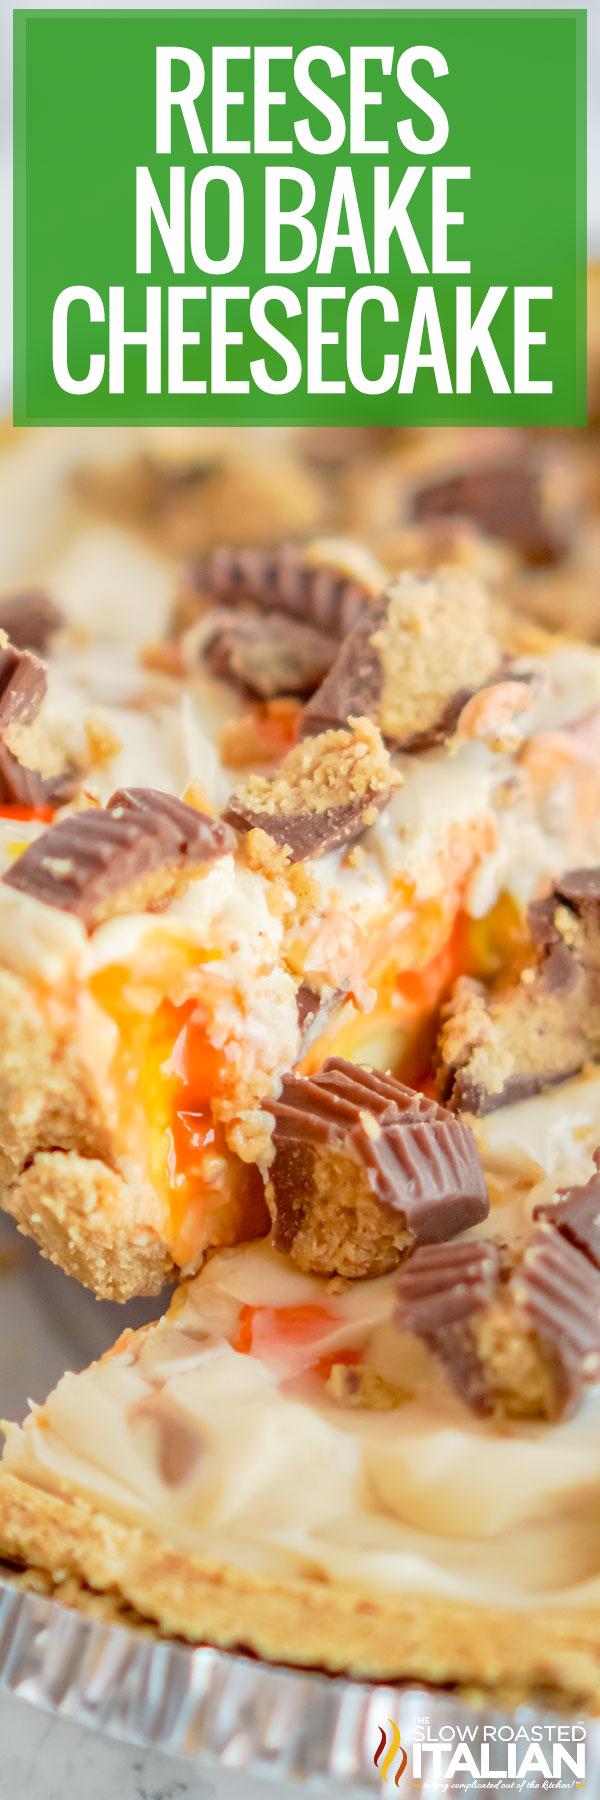 Reese's No Bake Cheesecake close up